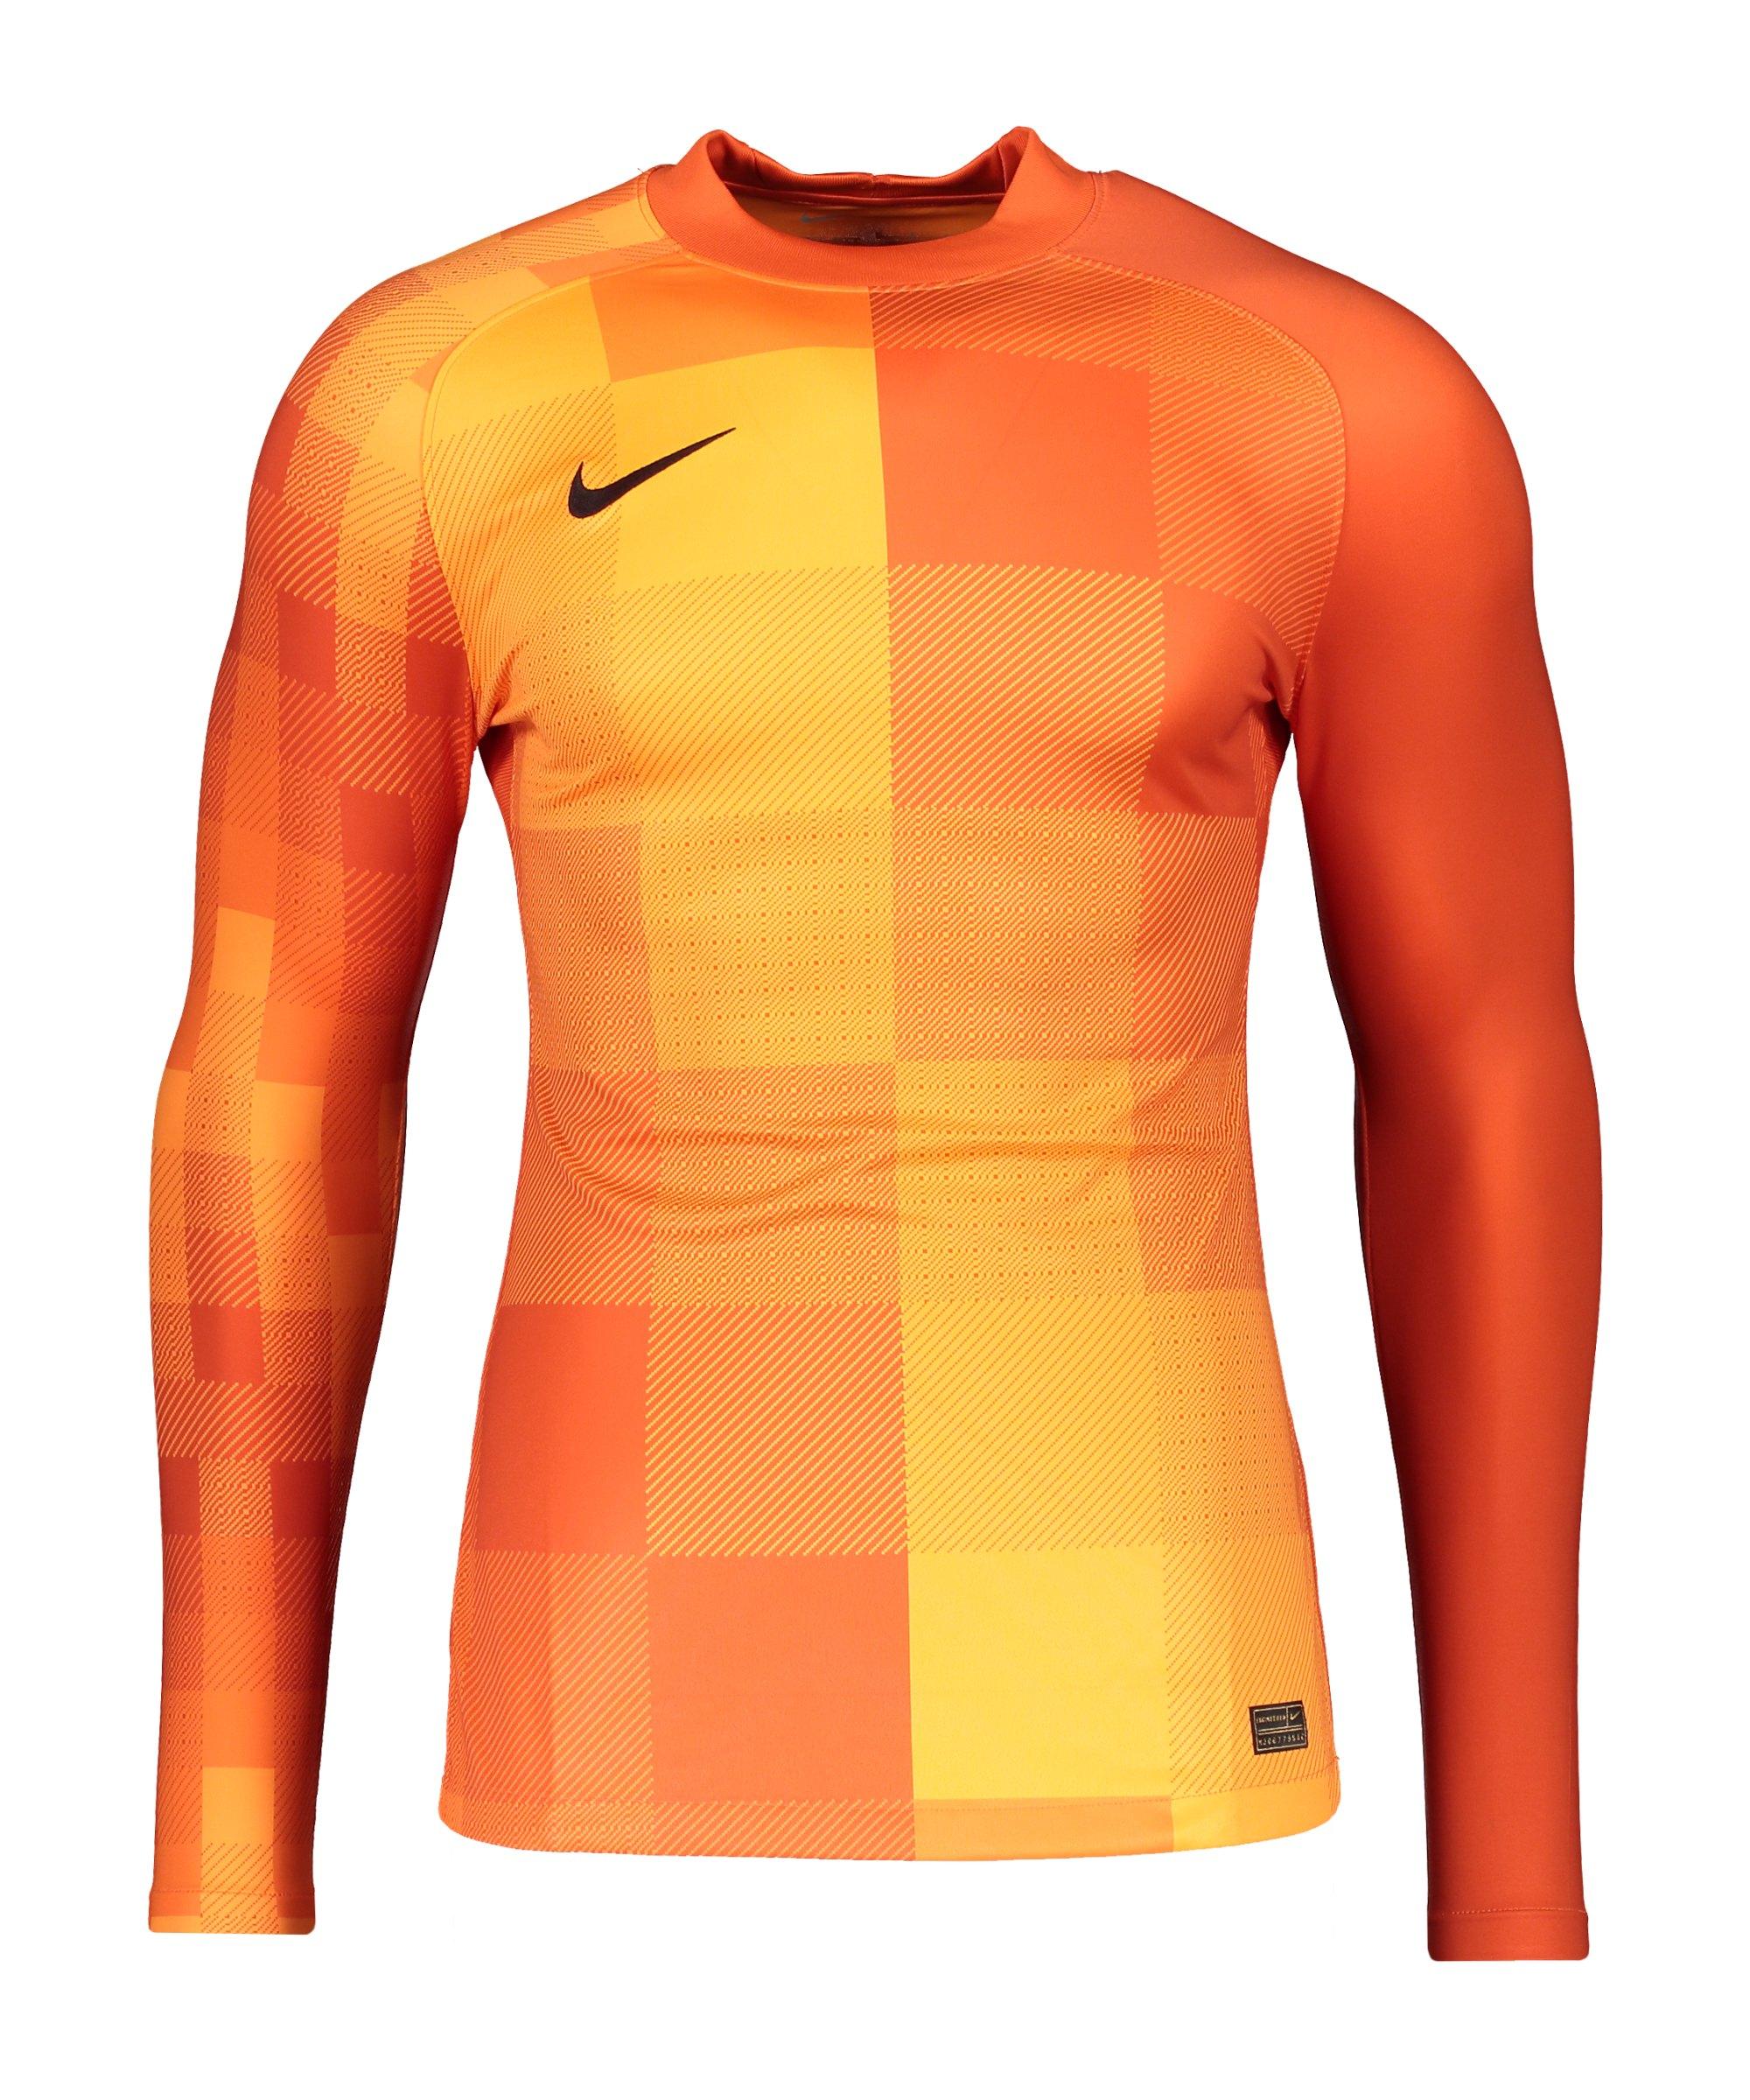 Nike Promo TW-Trikot langarm Orange F819 - orange